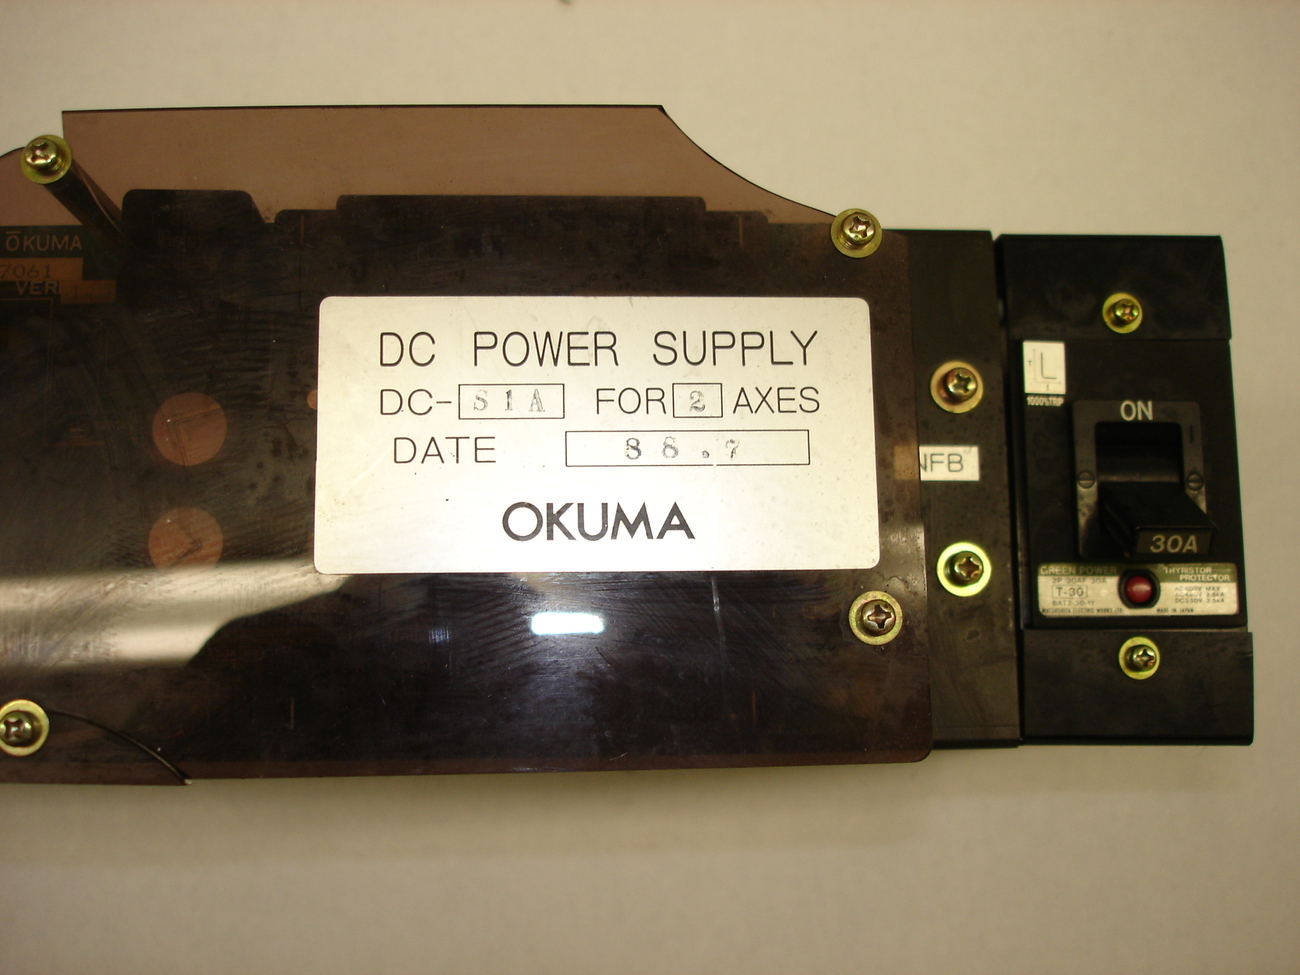 Okuma DC Power Supply DC-S1A